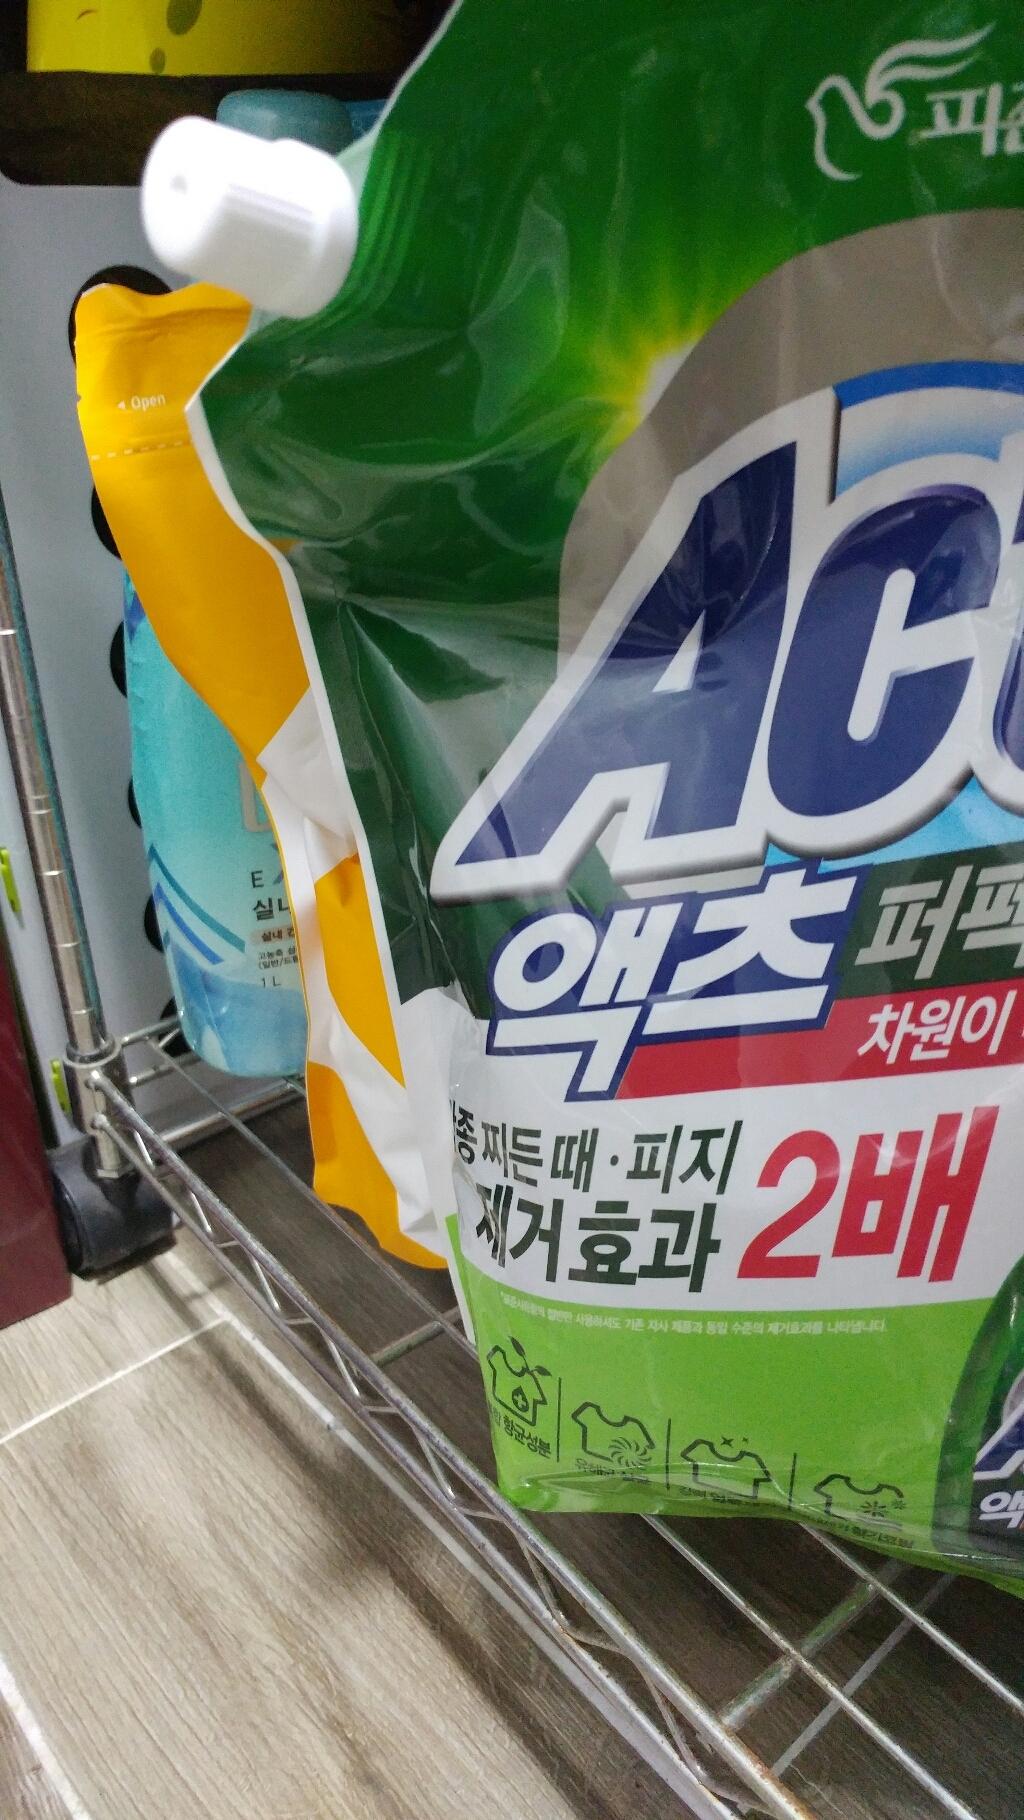 액츠 퍼펙트 안티박 액상세제 리필  리뷰 후기